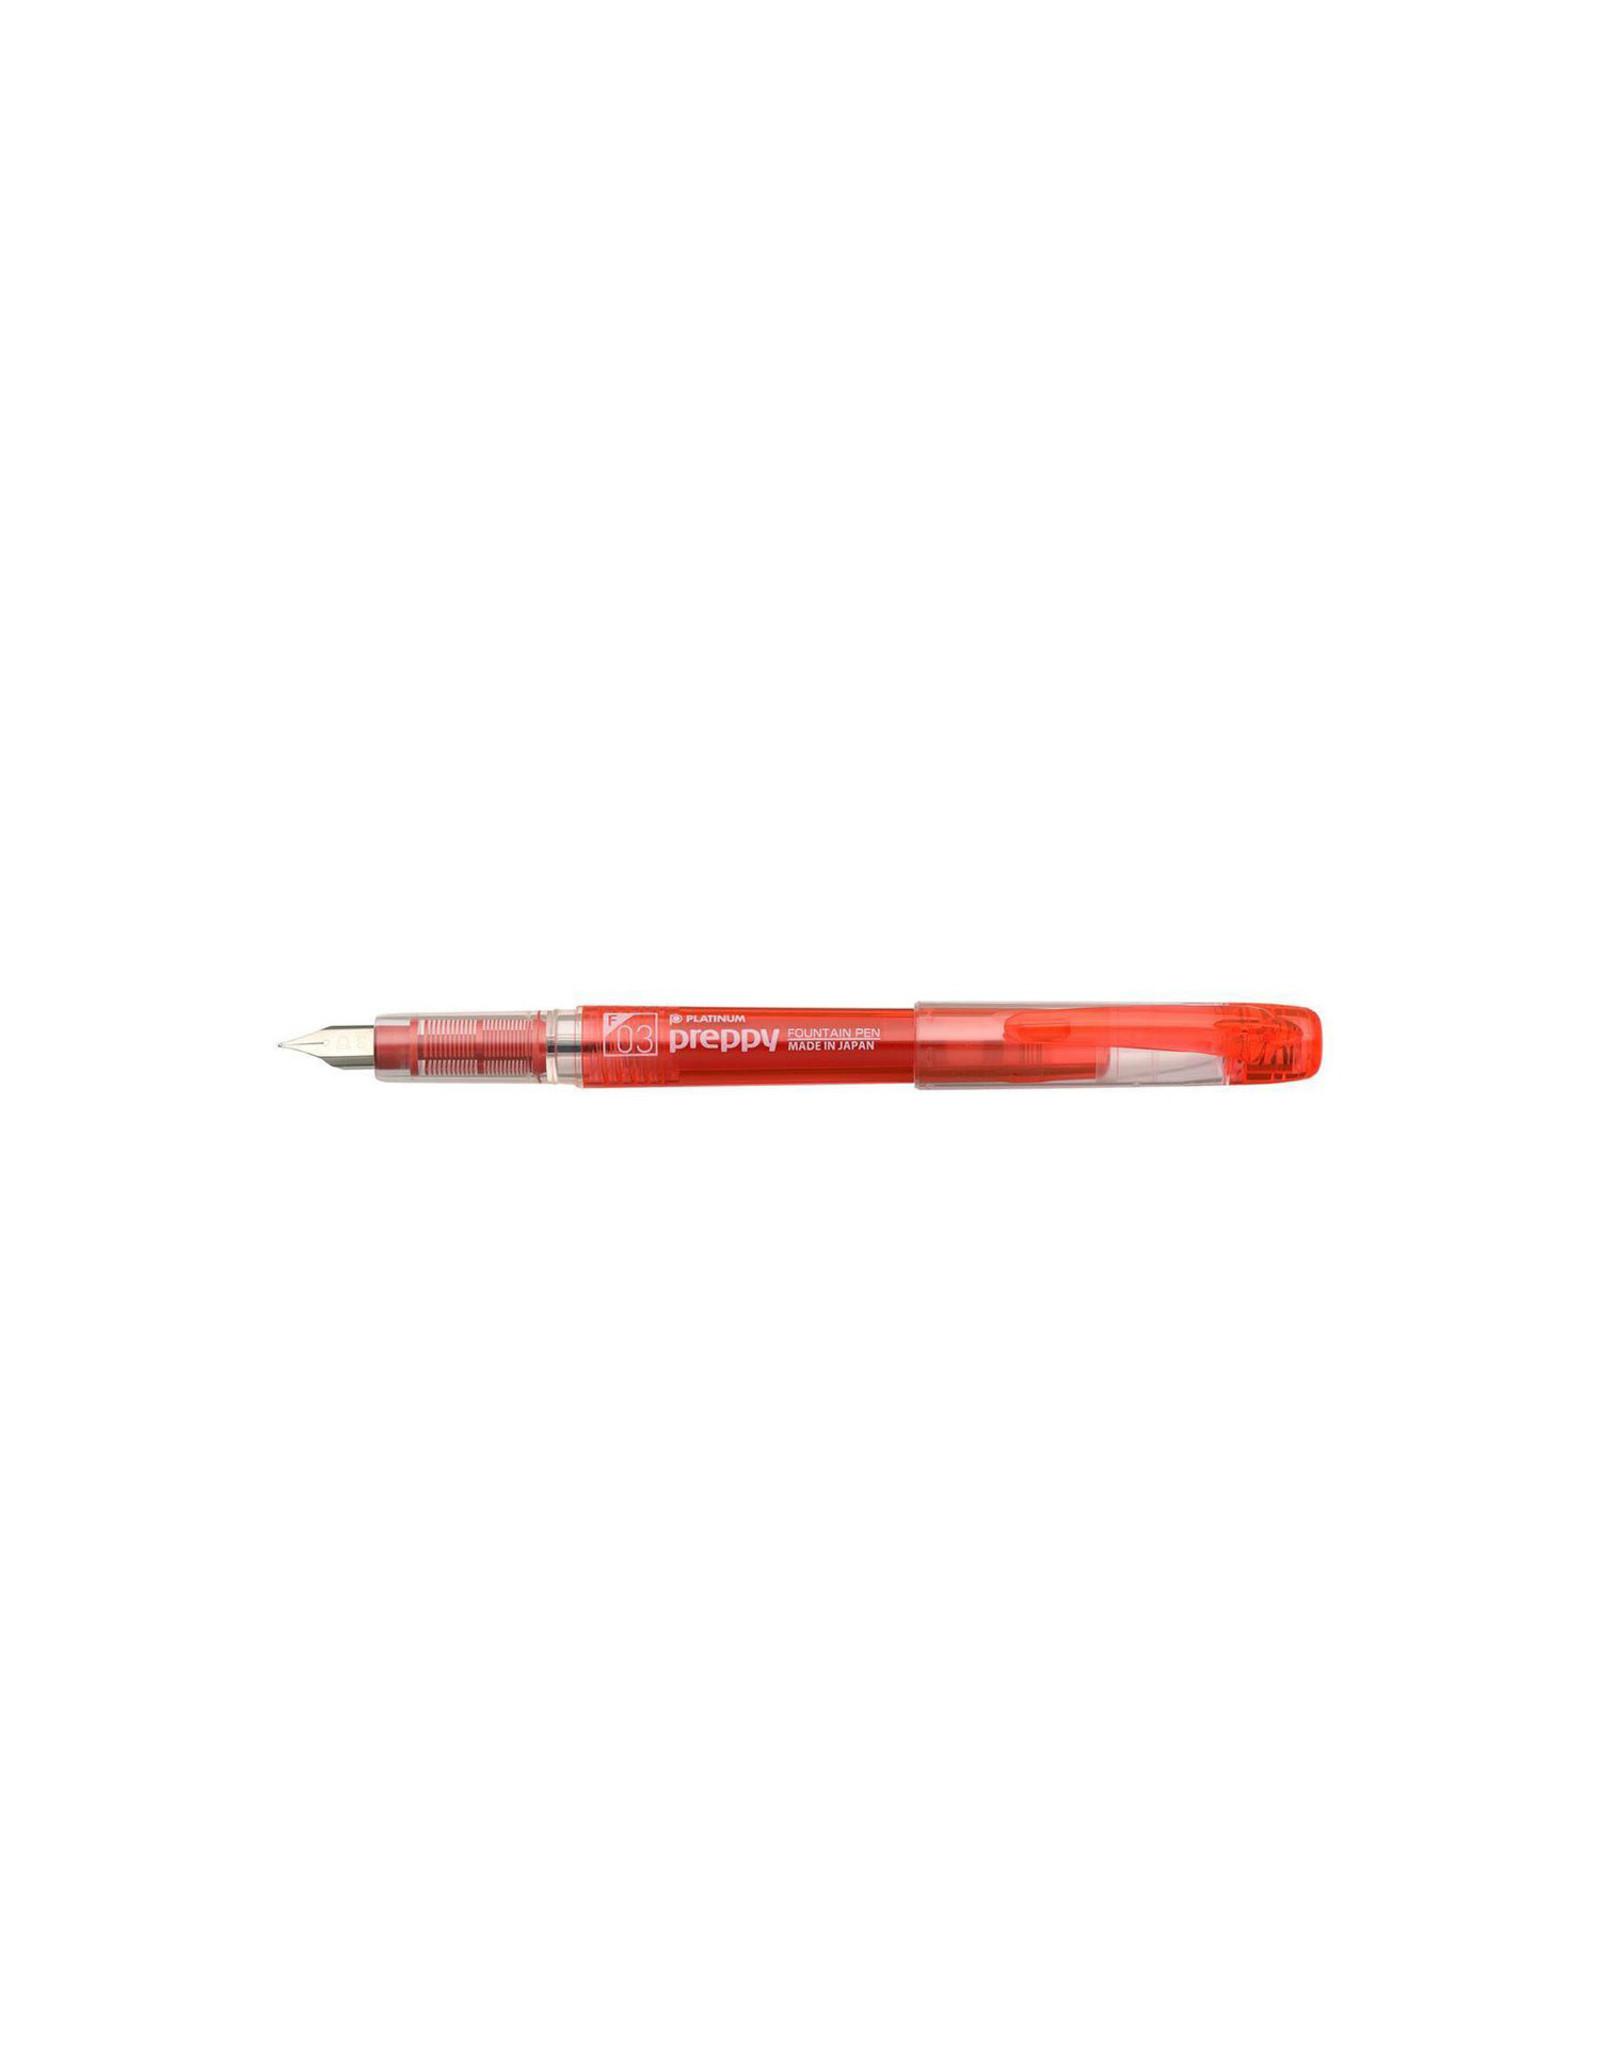 Preppy Fountain Pen, 03 Fine, Red